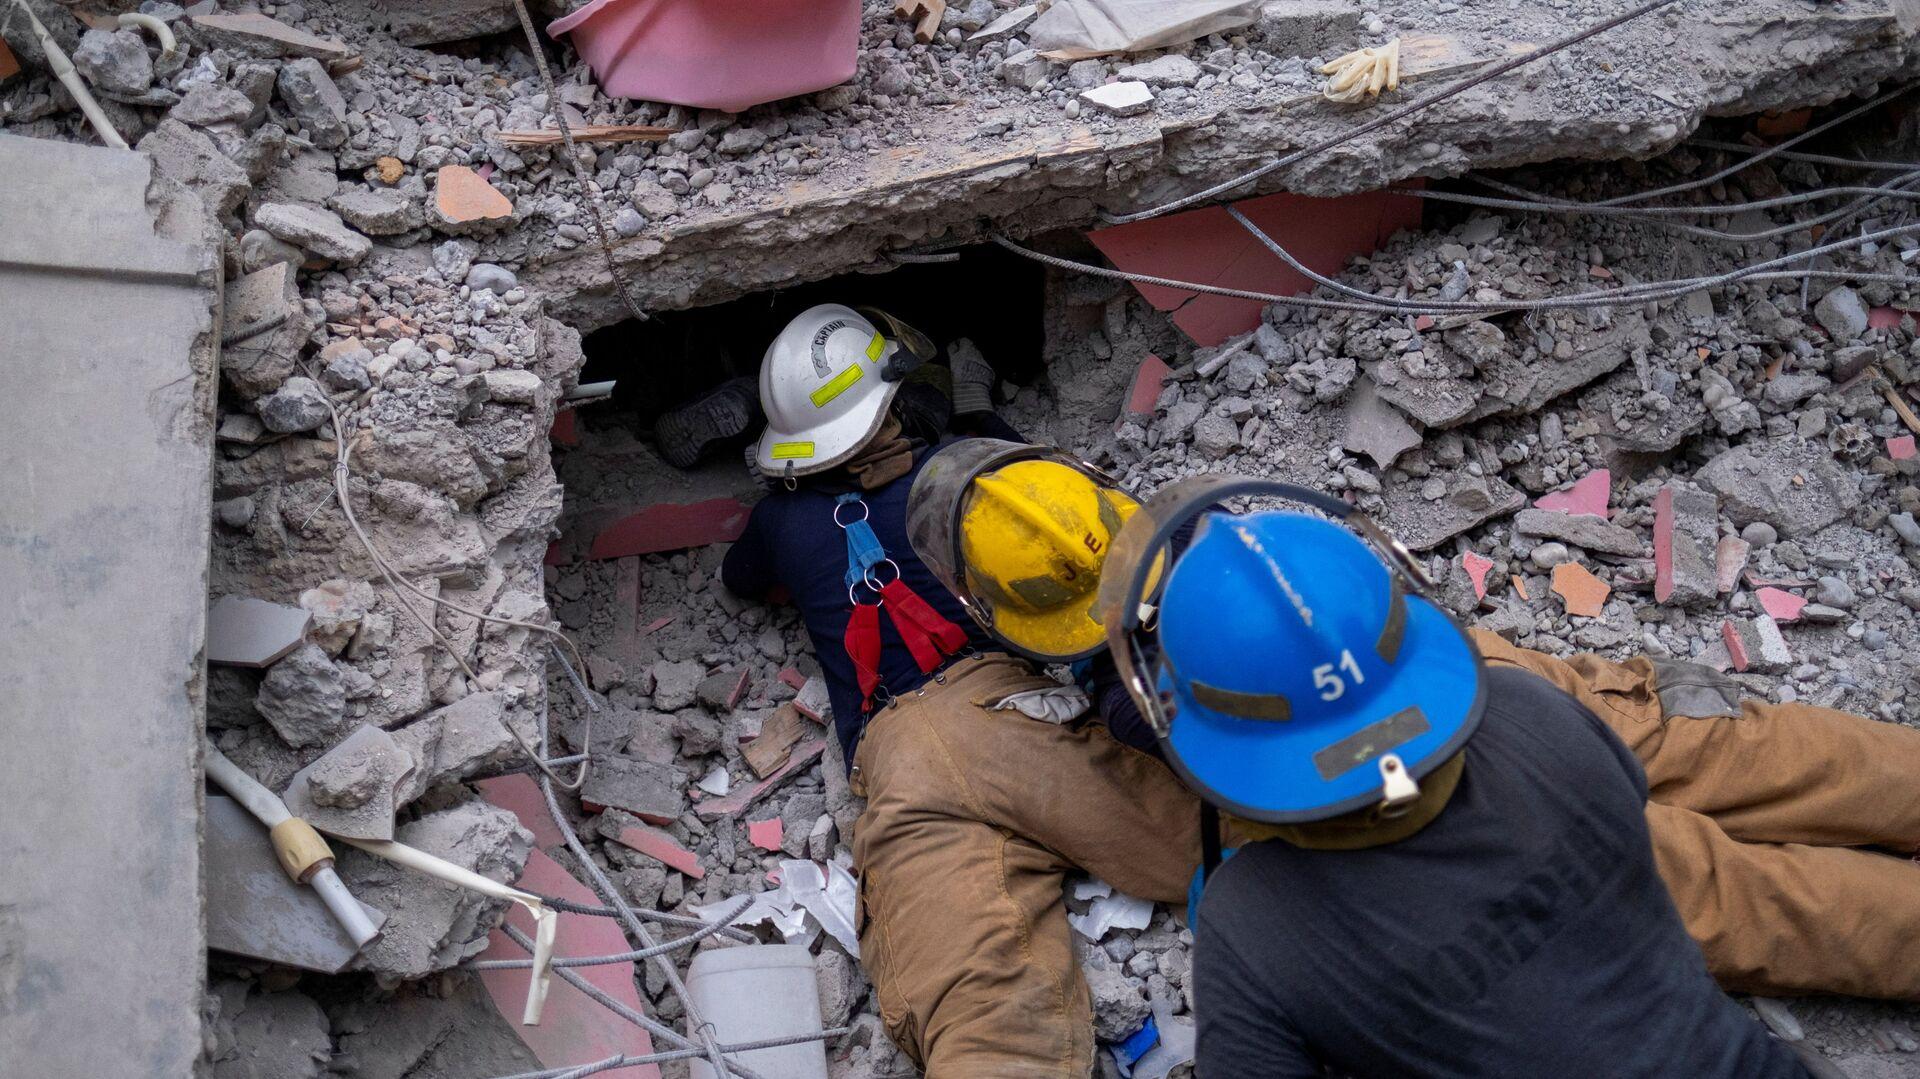 Поиск выживших под обломками разрушенного отеля после землетрясения магнитудой 7,2 в Ле-Ке, Гаити - Sputnik International, 1920, 21.08.2021